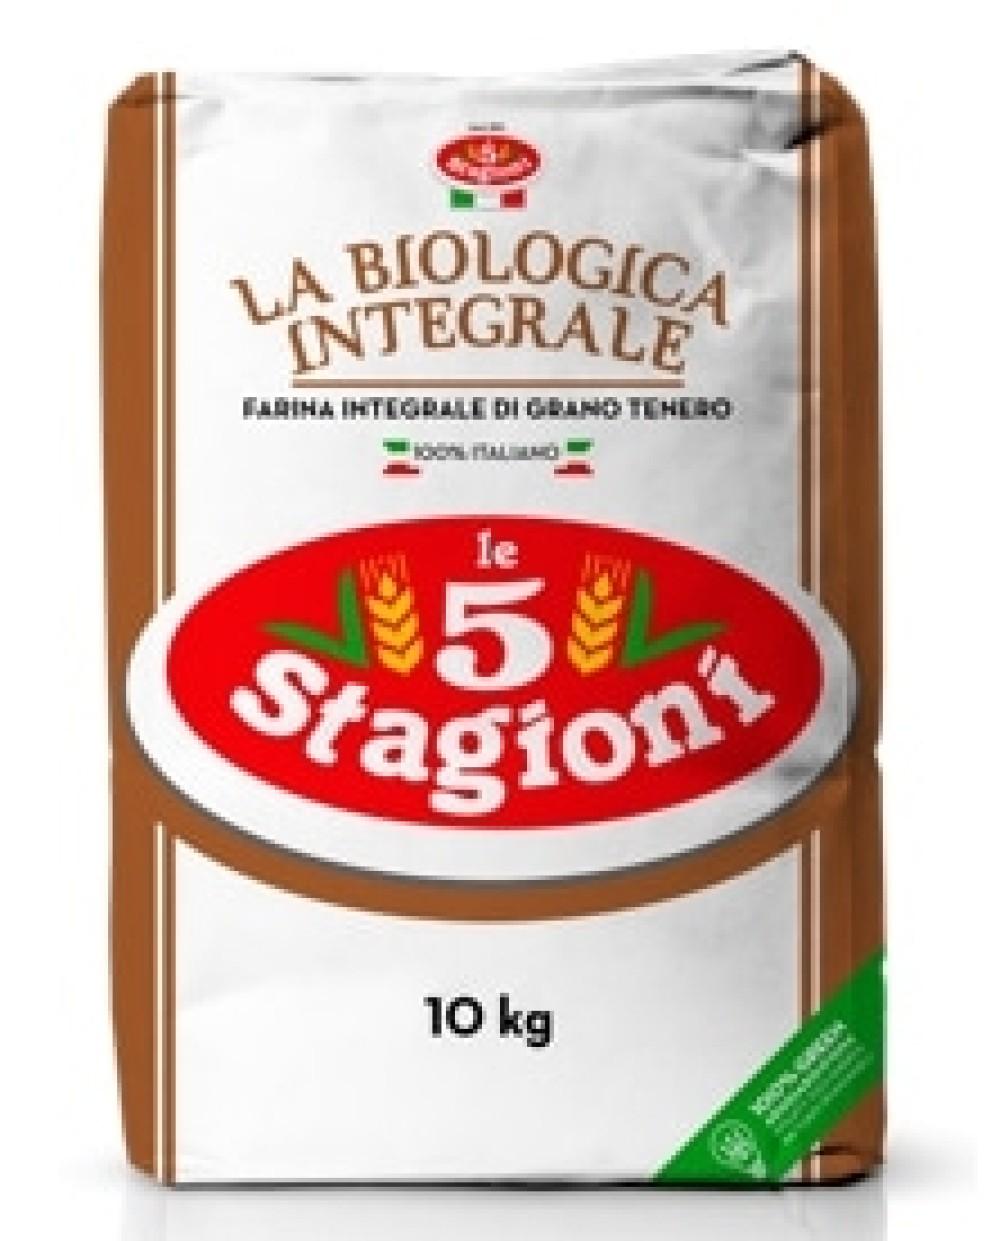 LA BIOLOGICA LE 5 STAGIONI INTEGRALE